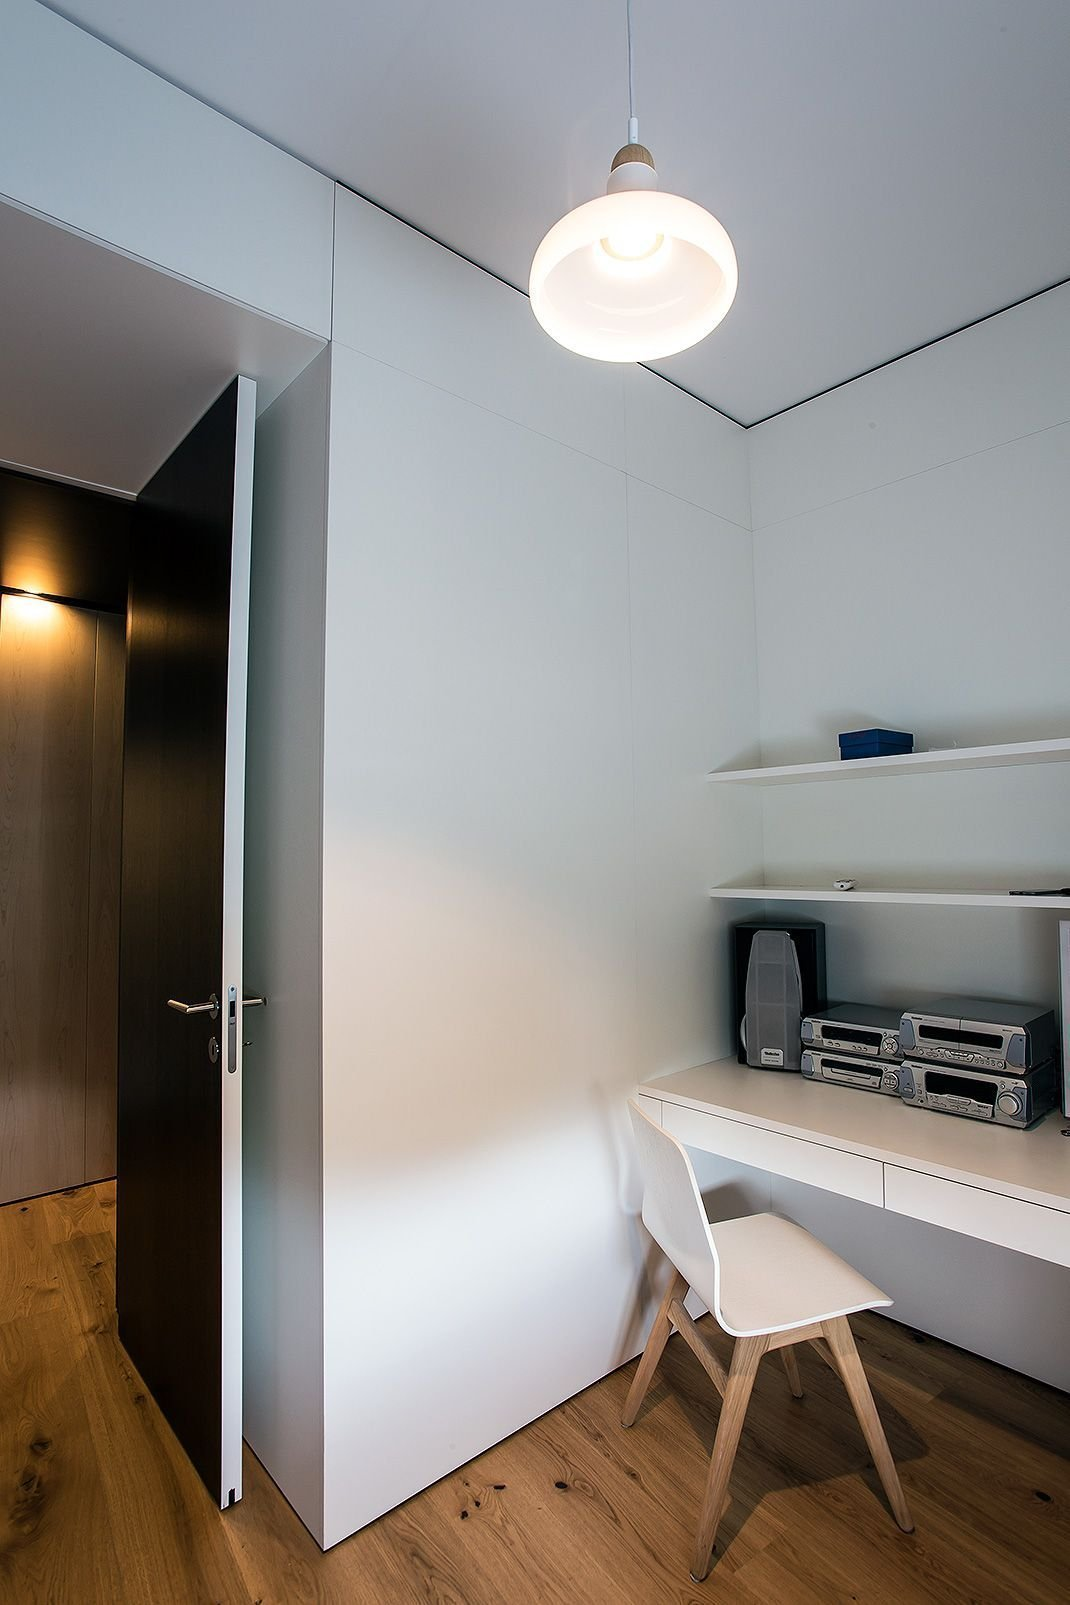 Proměna bytu? Černá mozaika i kuchyň bez horních skříněk